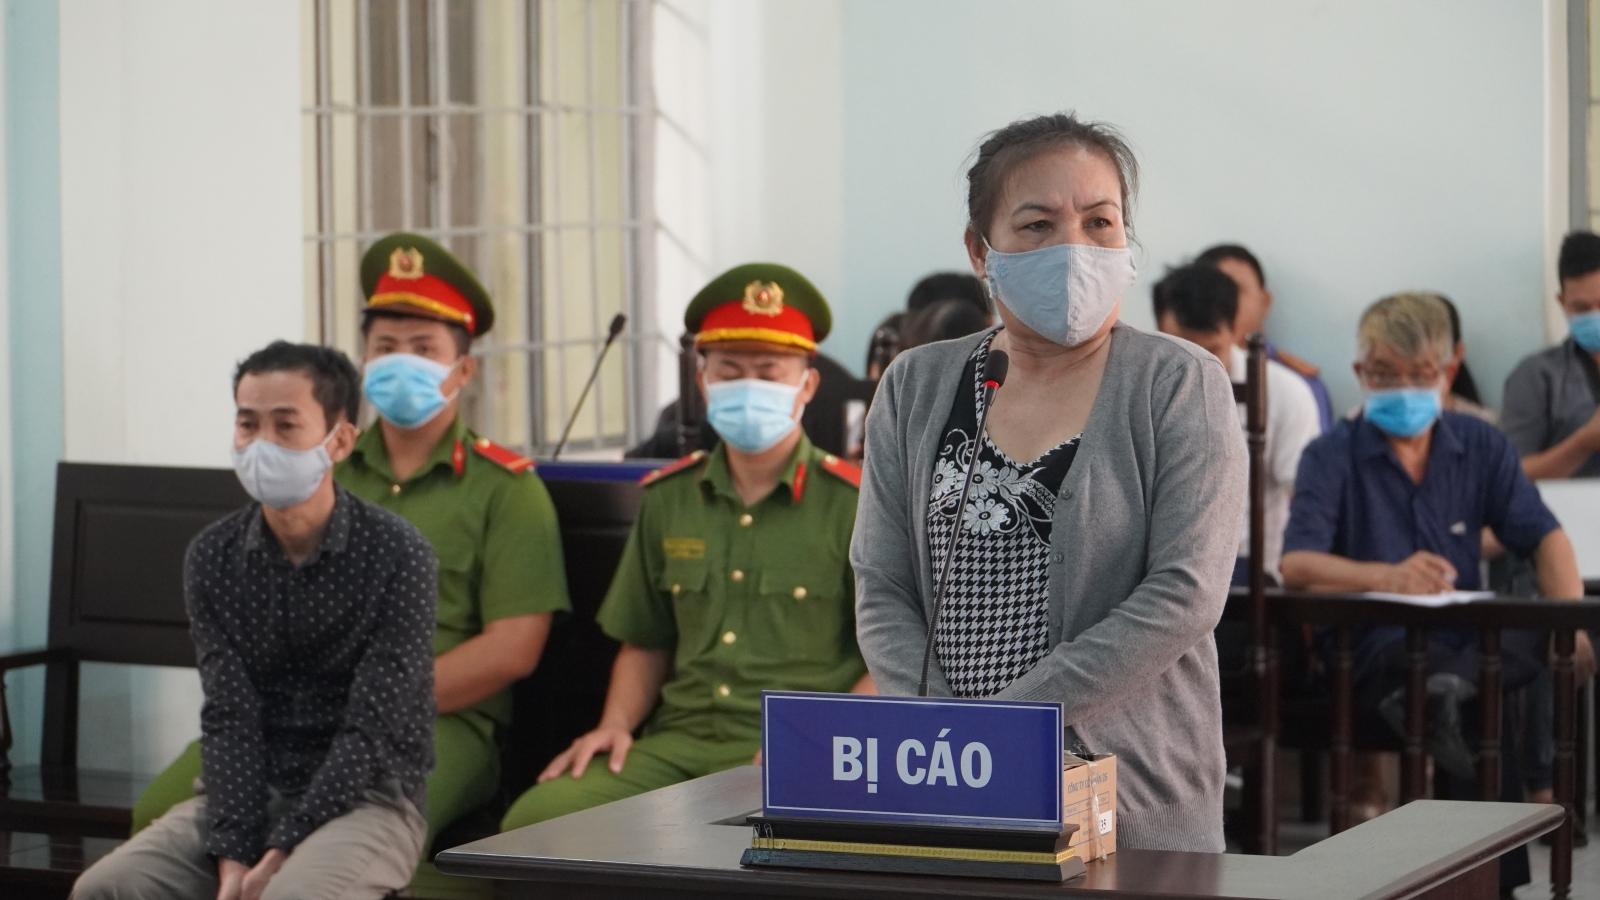 Nhóm dàn cảnh móc túi ở Suối Tiên lĩnh án tù